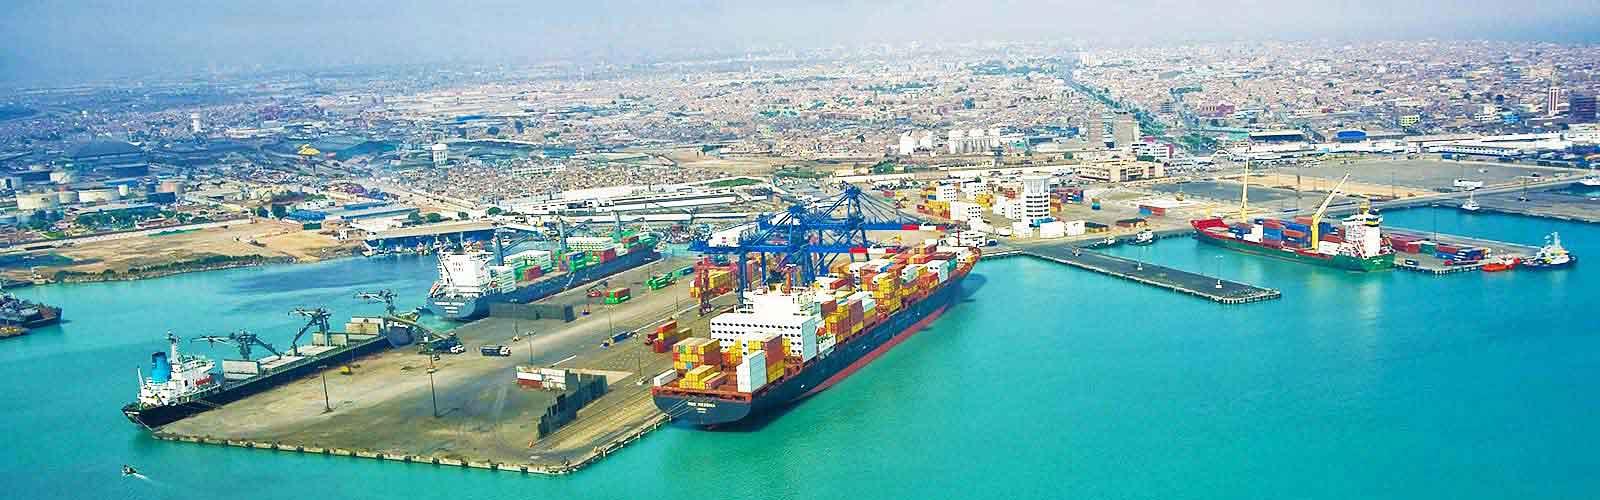 PERU-callao-port-peruvian-ship-chandler-OM-APM